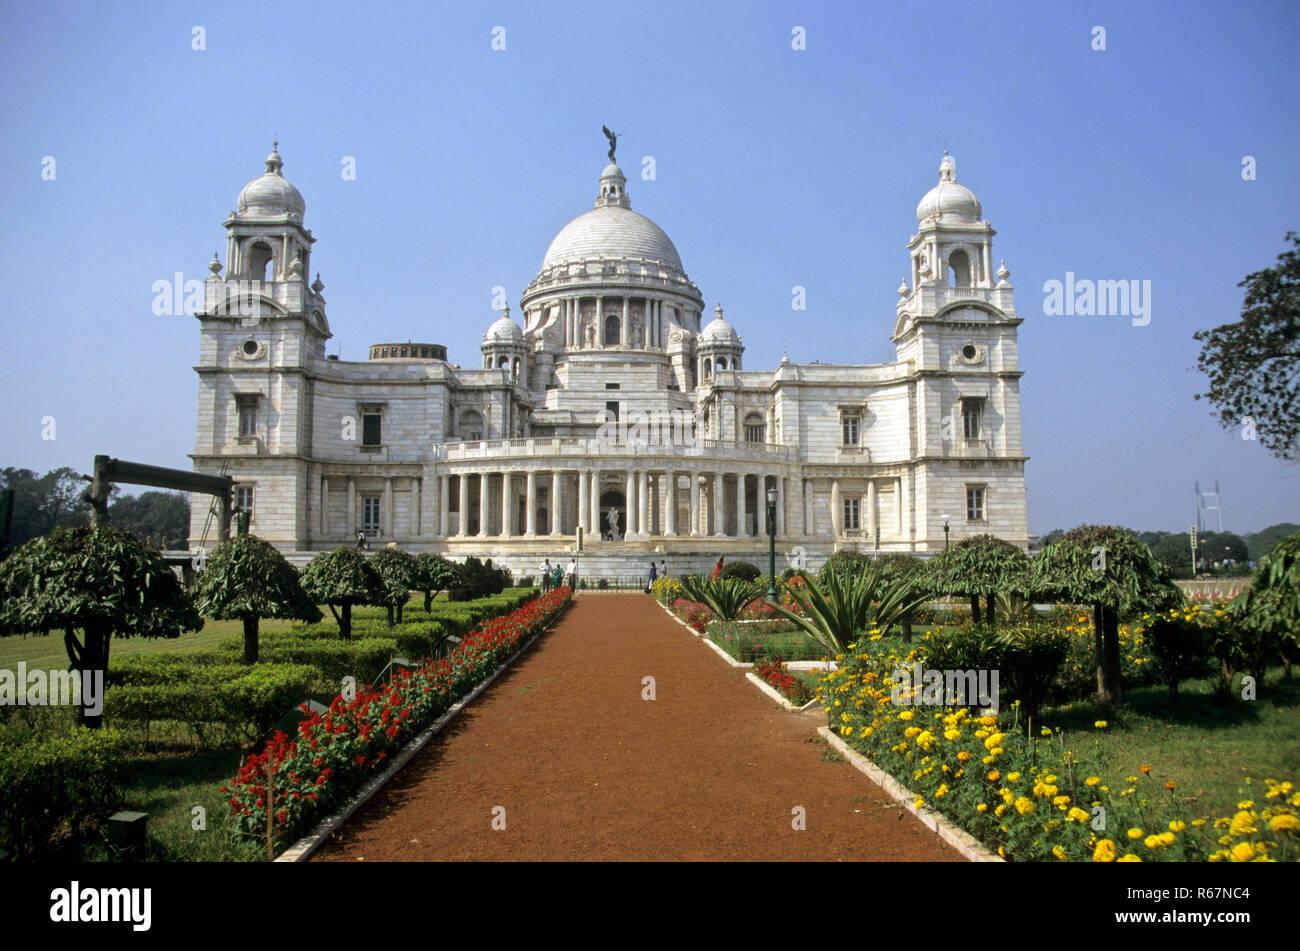 Victoria Memorial Building (1921), Calcutta, West Bengal, India - Stock Image